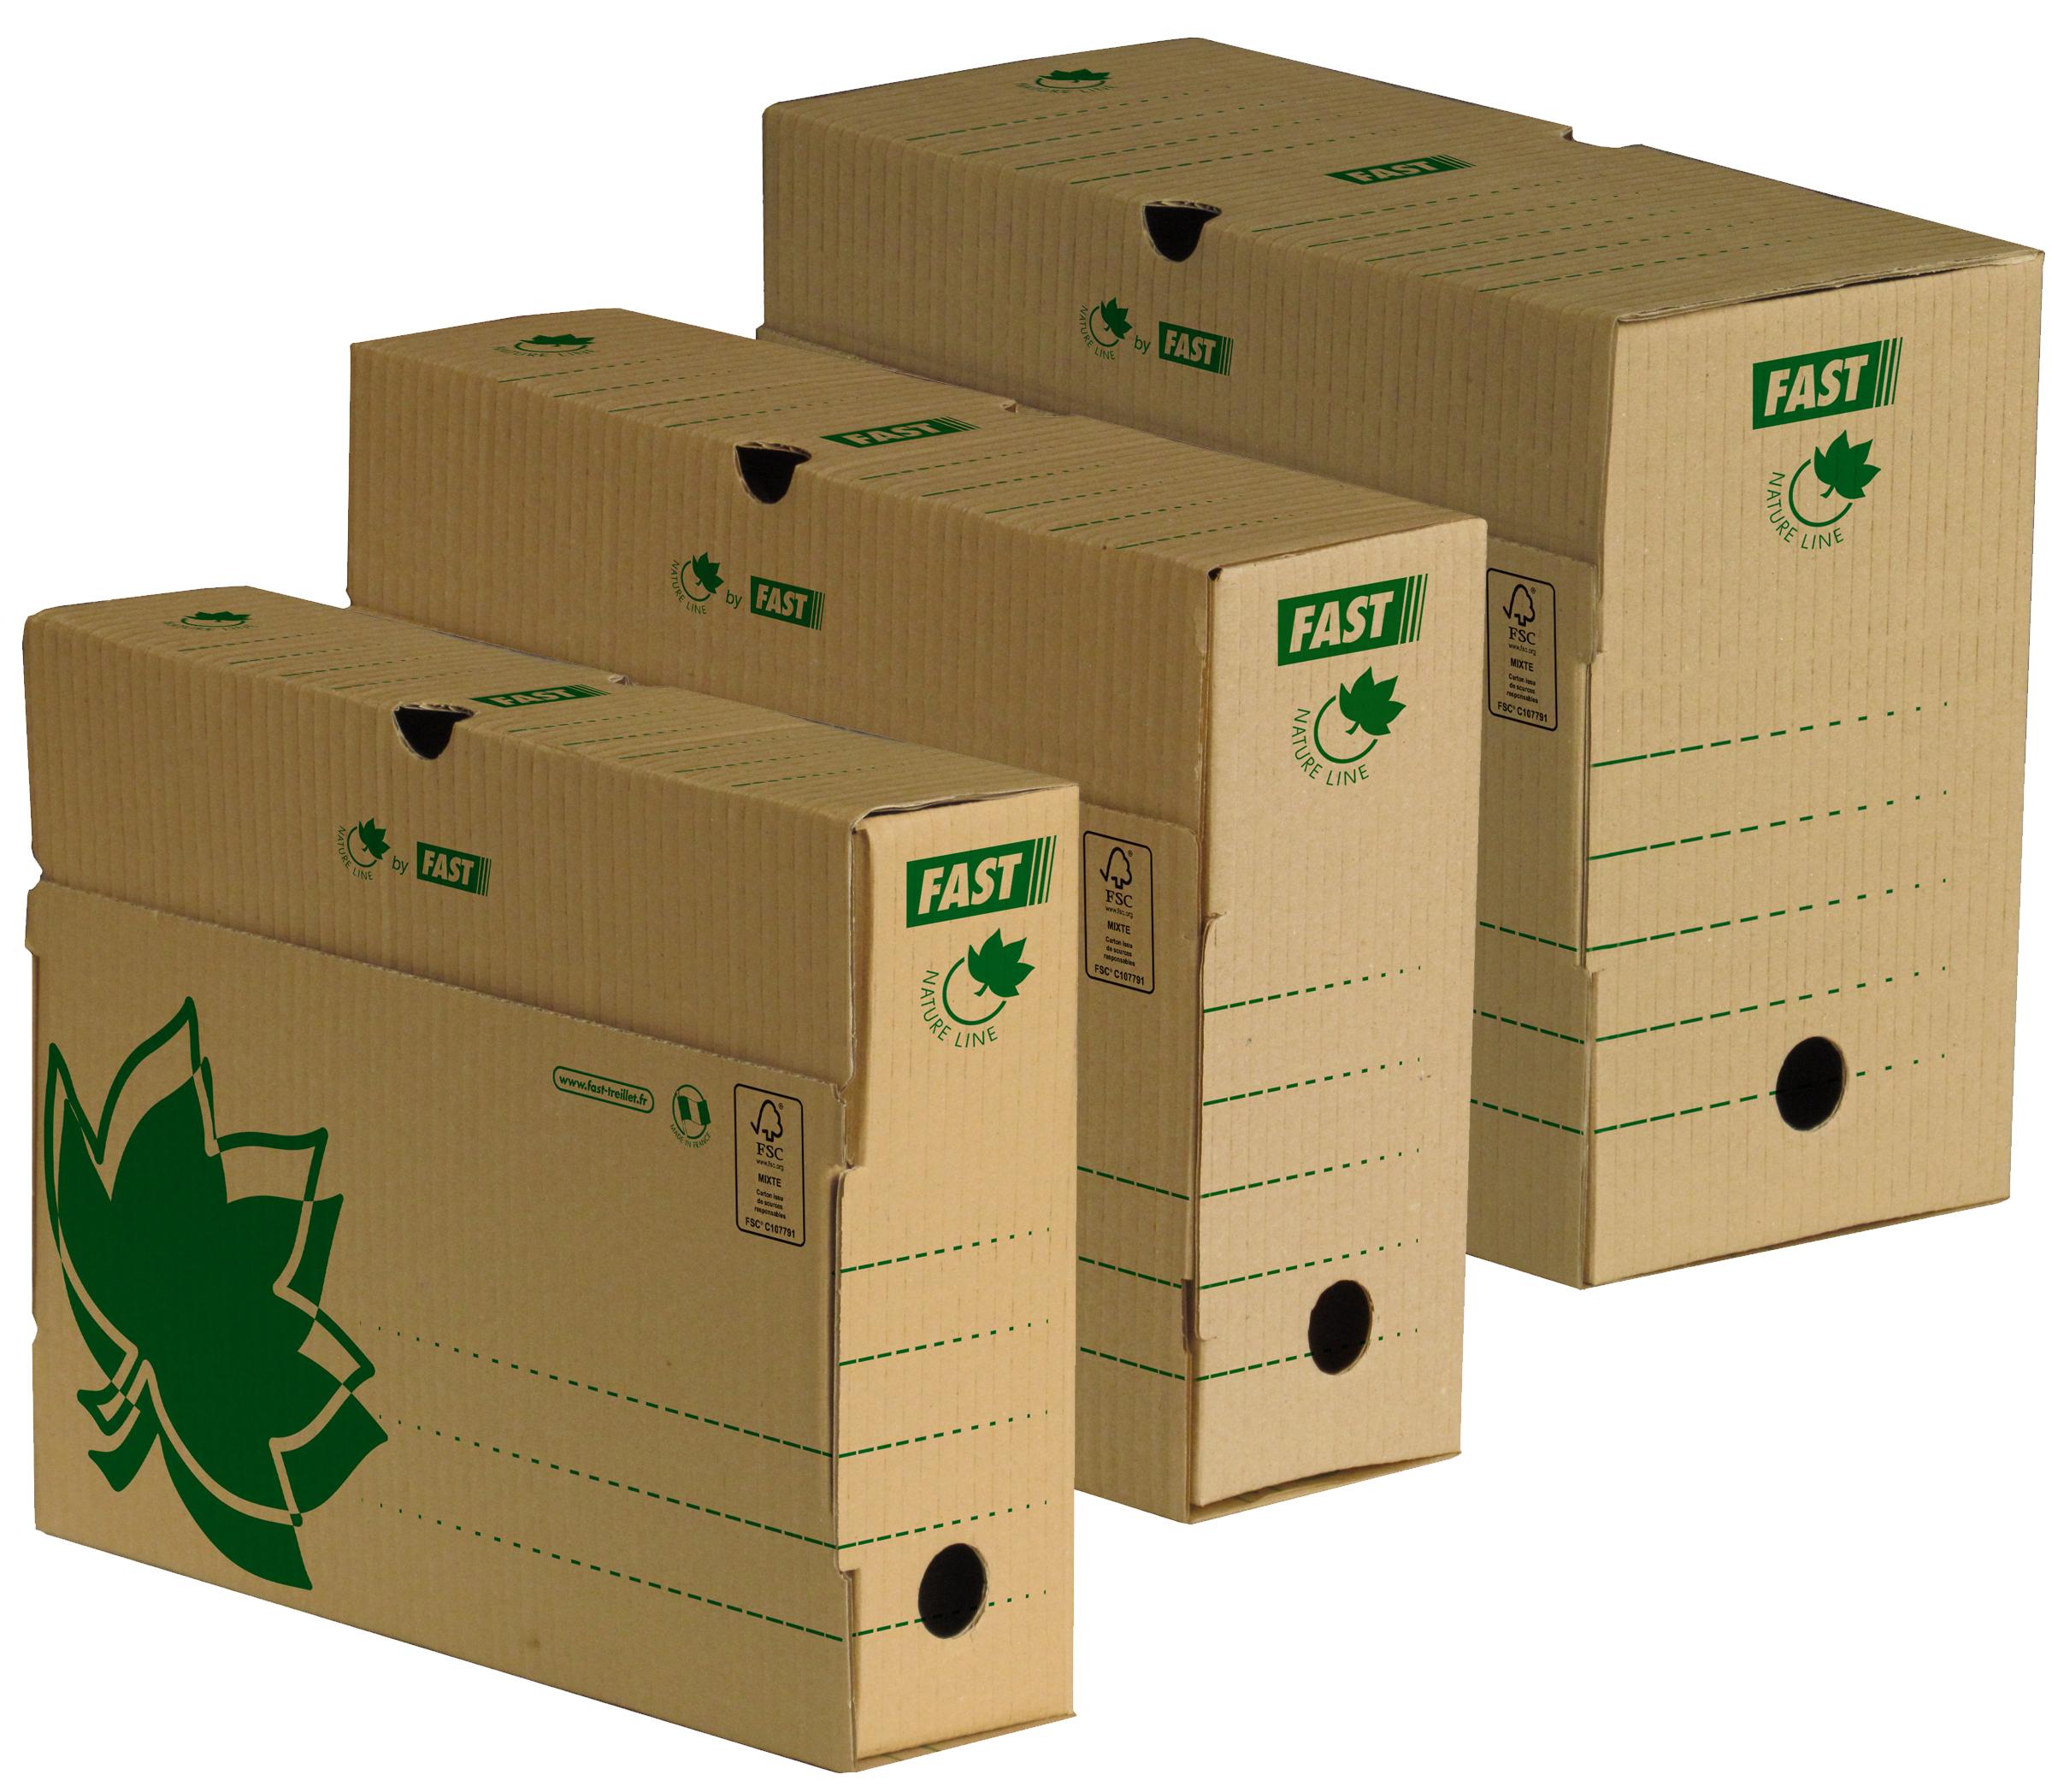 FAST NATURE LINE Archiv-Schachtel, aus brauner ...